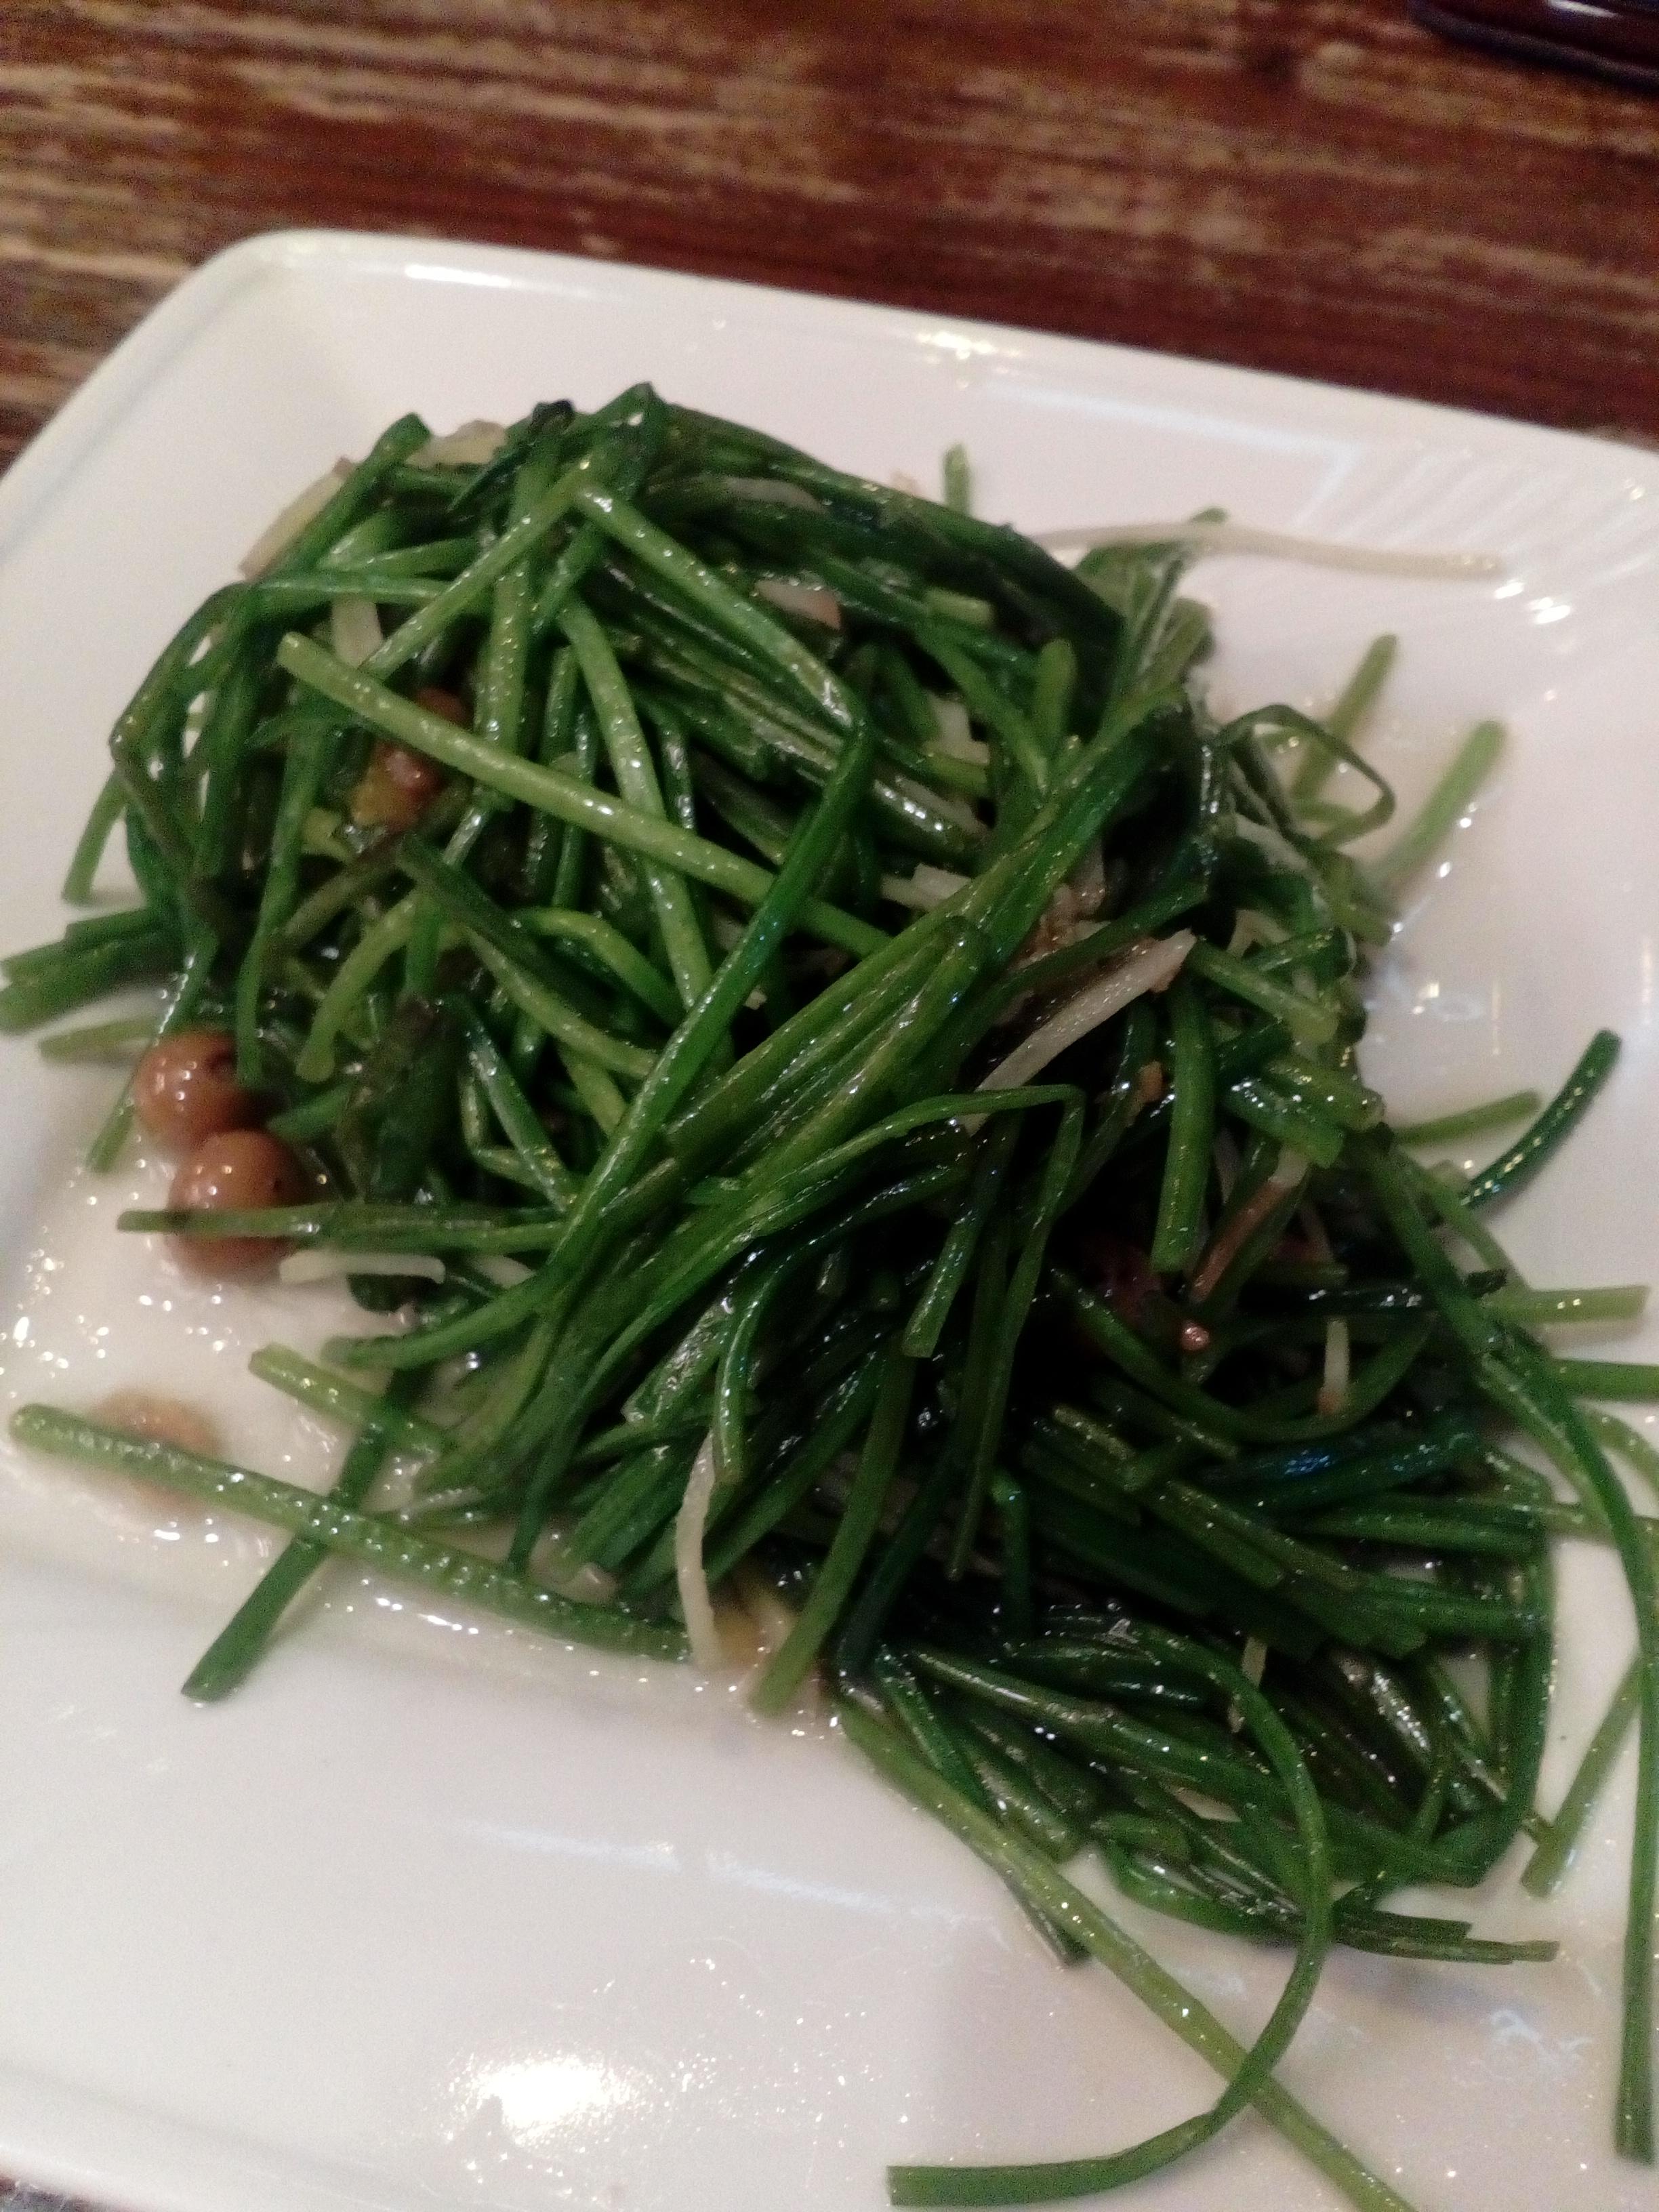 台南小吃 「度小月」の紹介 介紹台南的小吃「度小月」